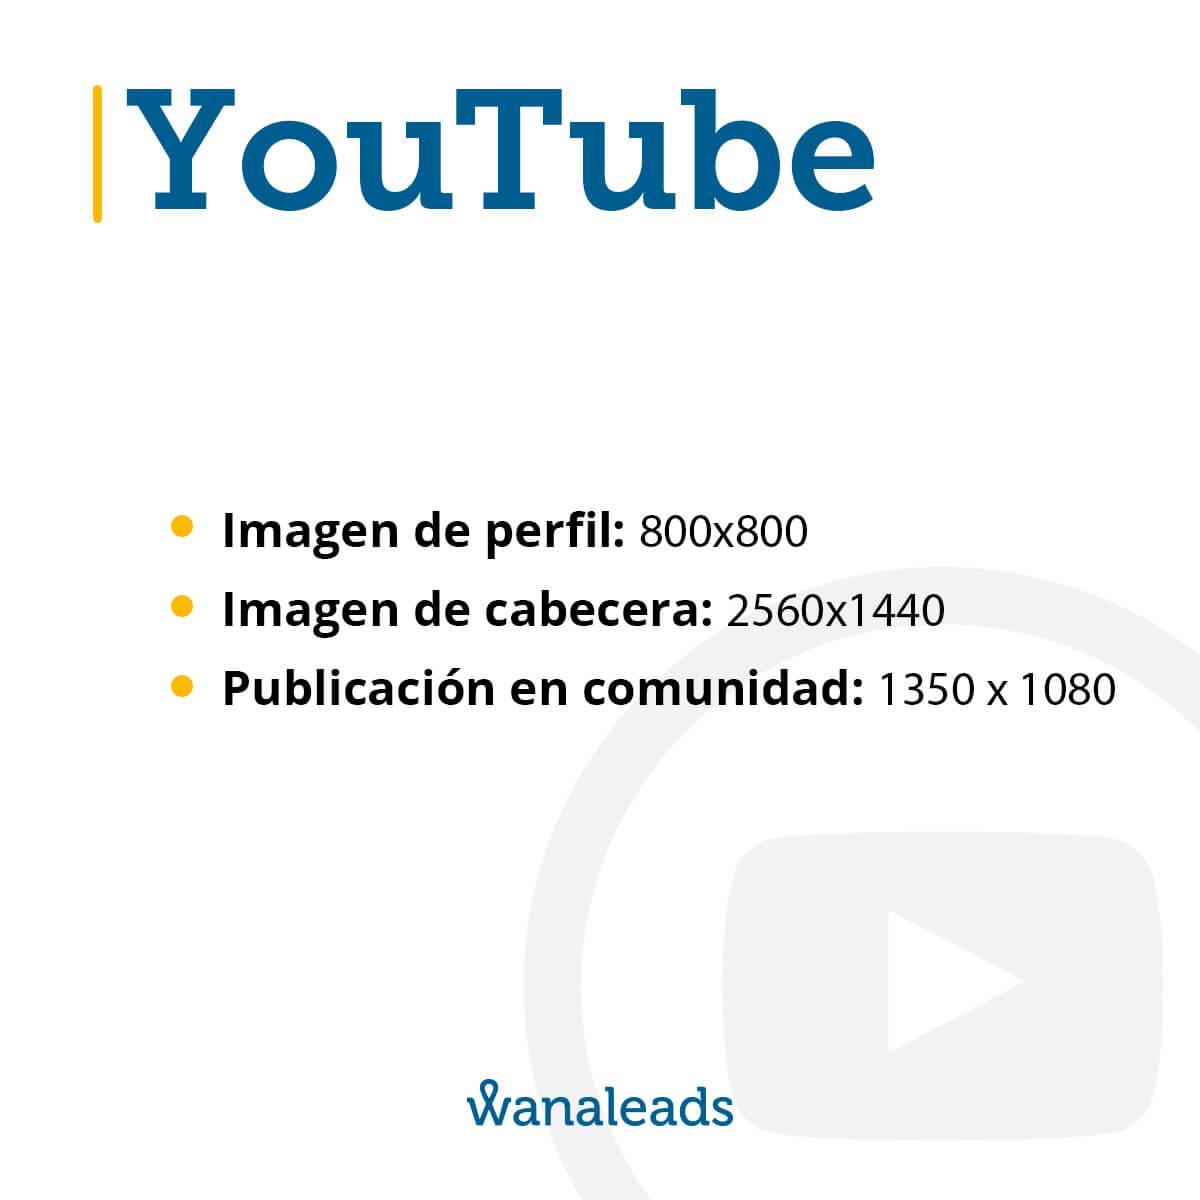 Tamaño de imágenes en redes sociales en 2020 | YouTube